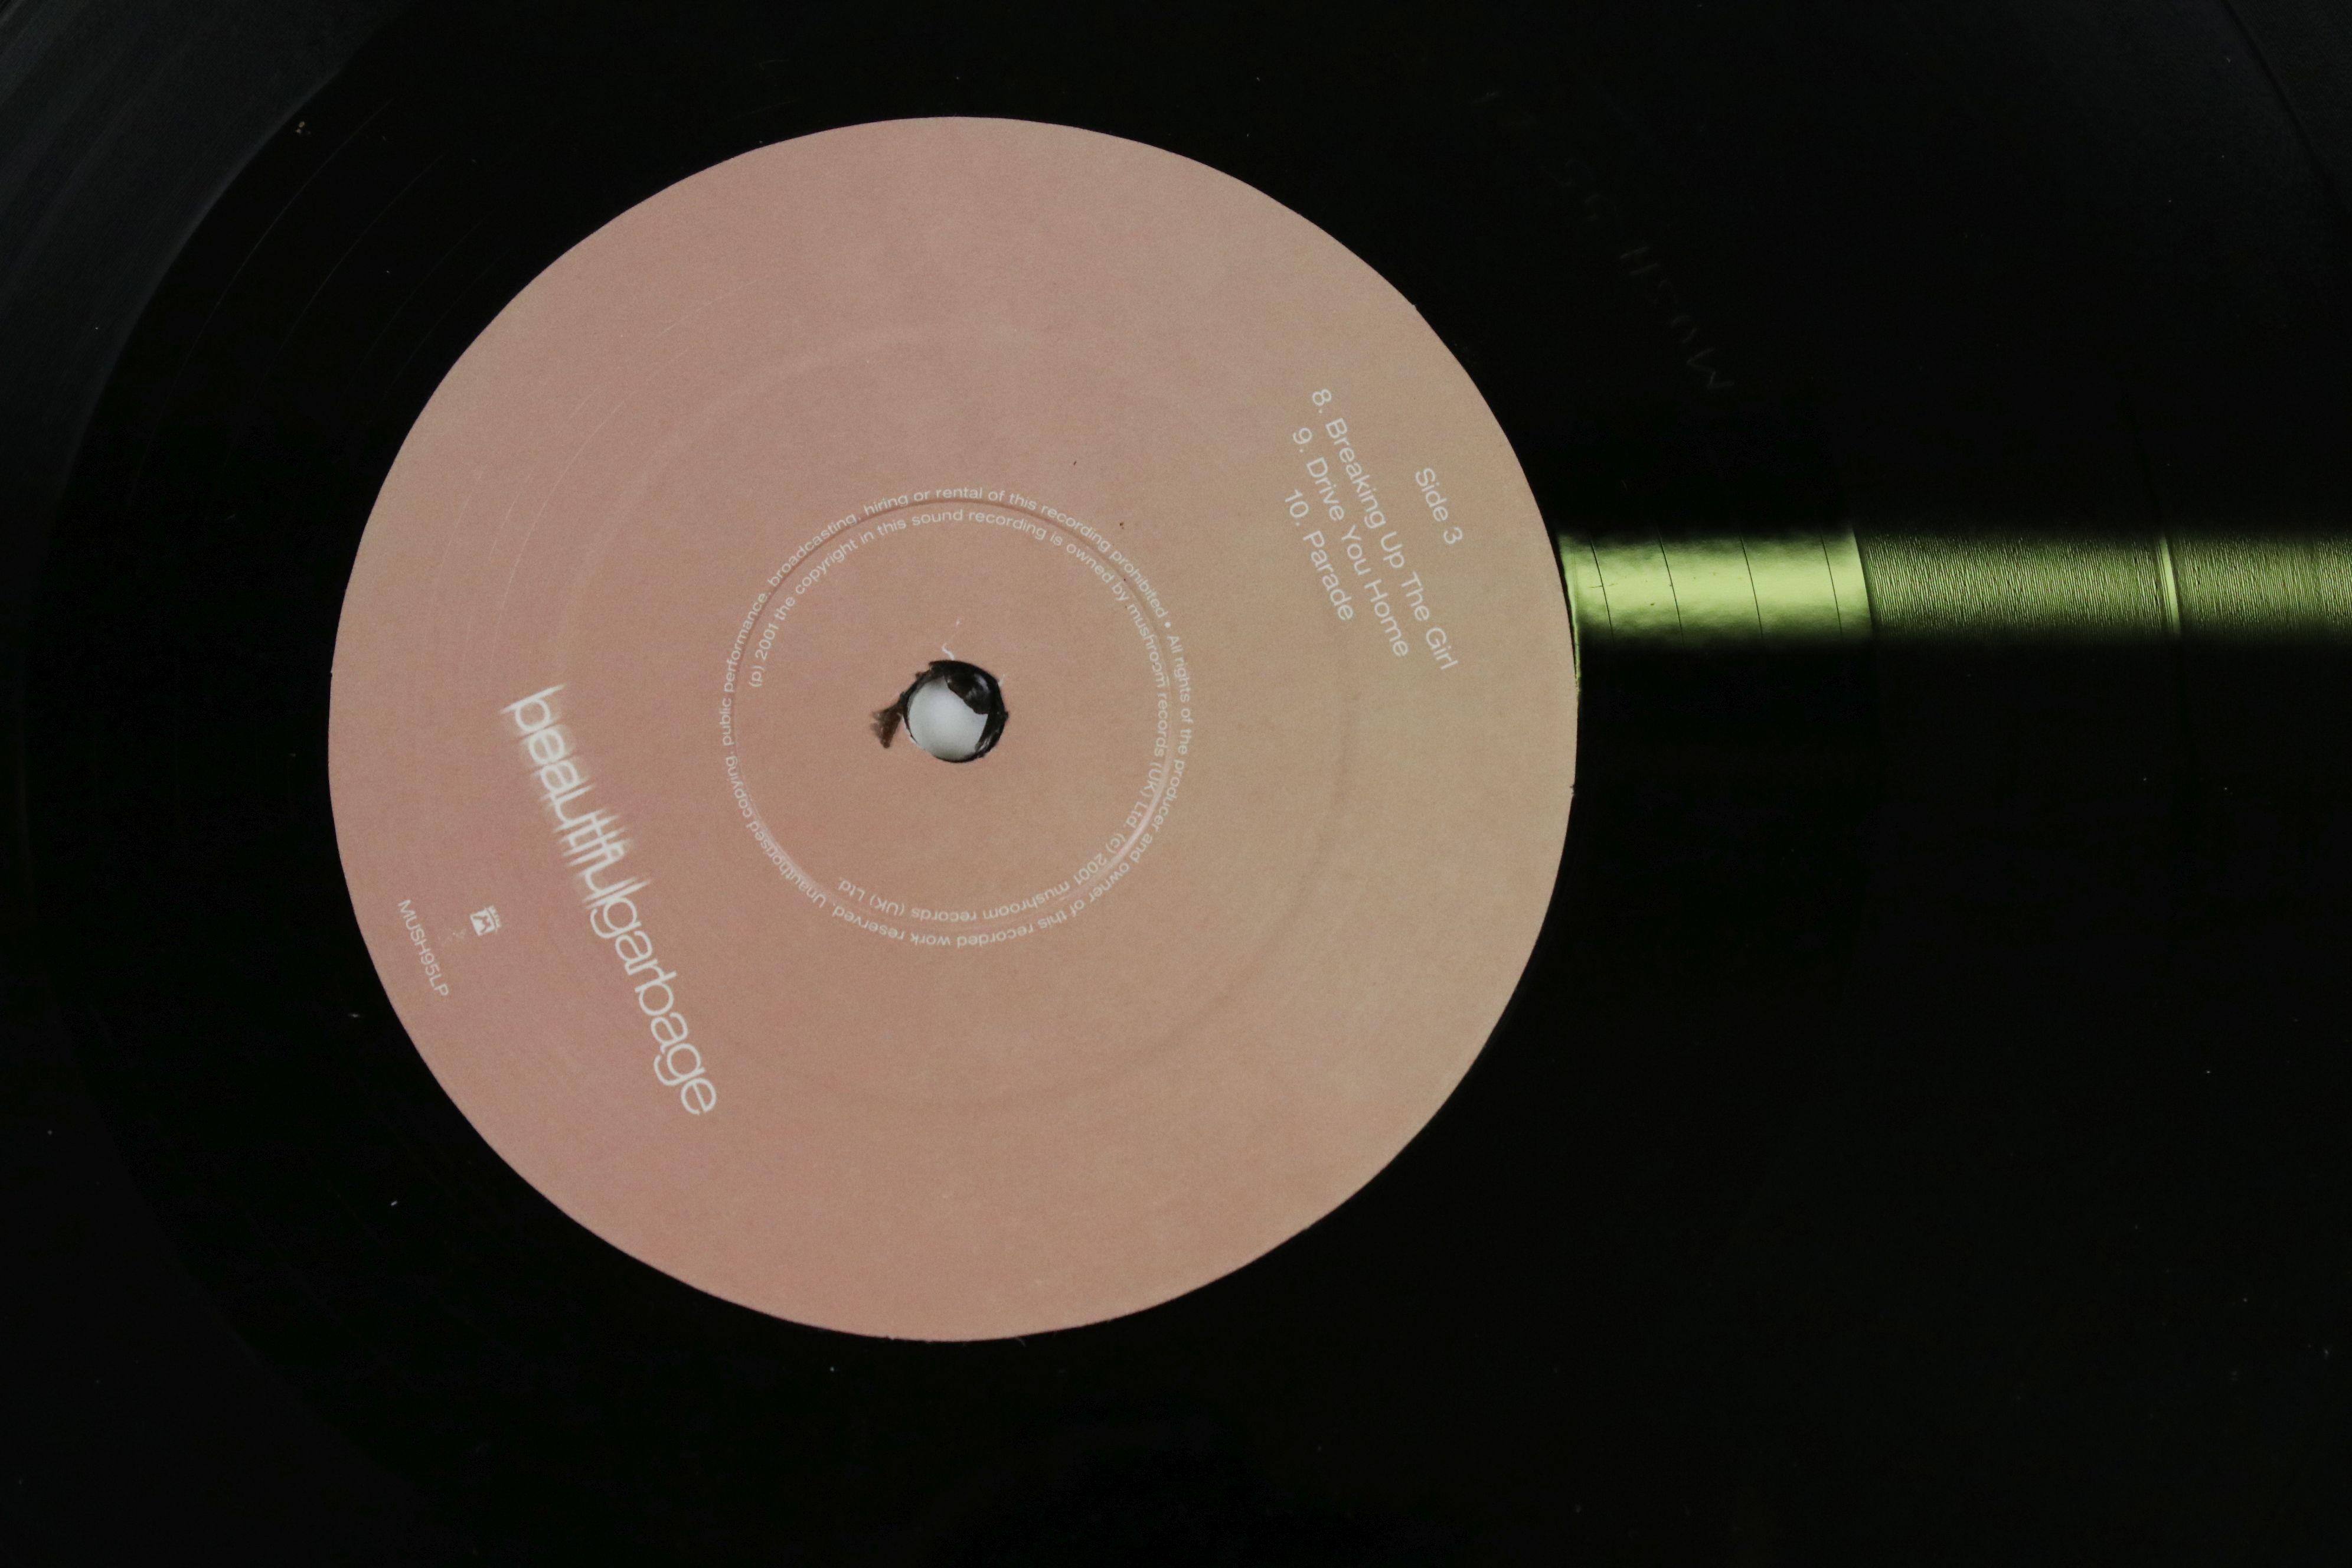 Vinyl - Garbage Beautiful Garbage Double LP on Mushroom MUSH95LP, with lyric inner, sleeve vg++, - Image 3 of 6